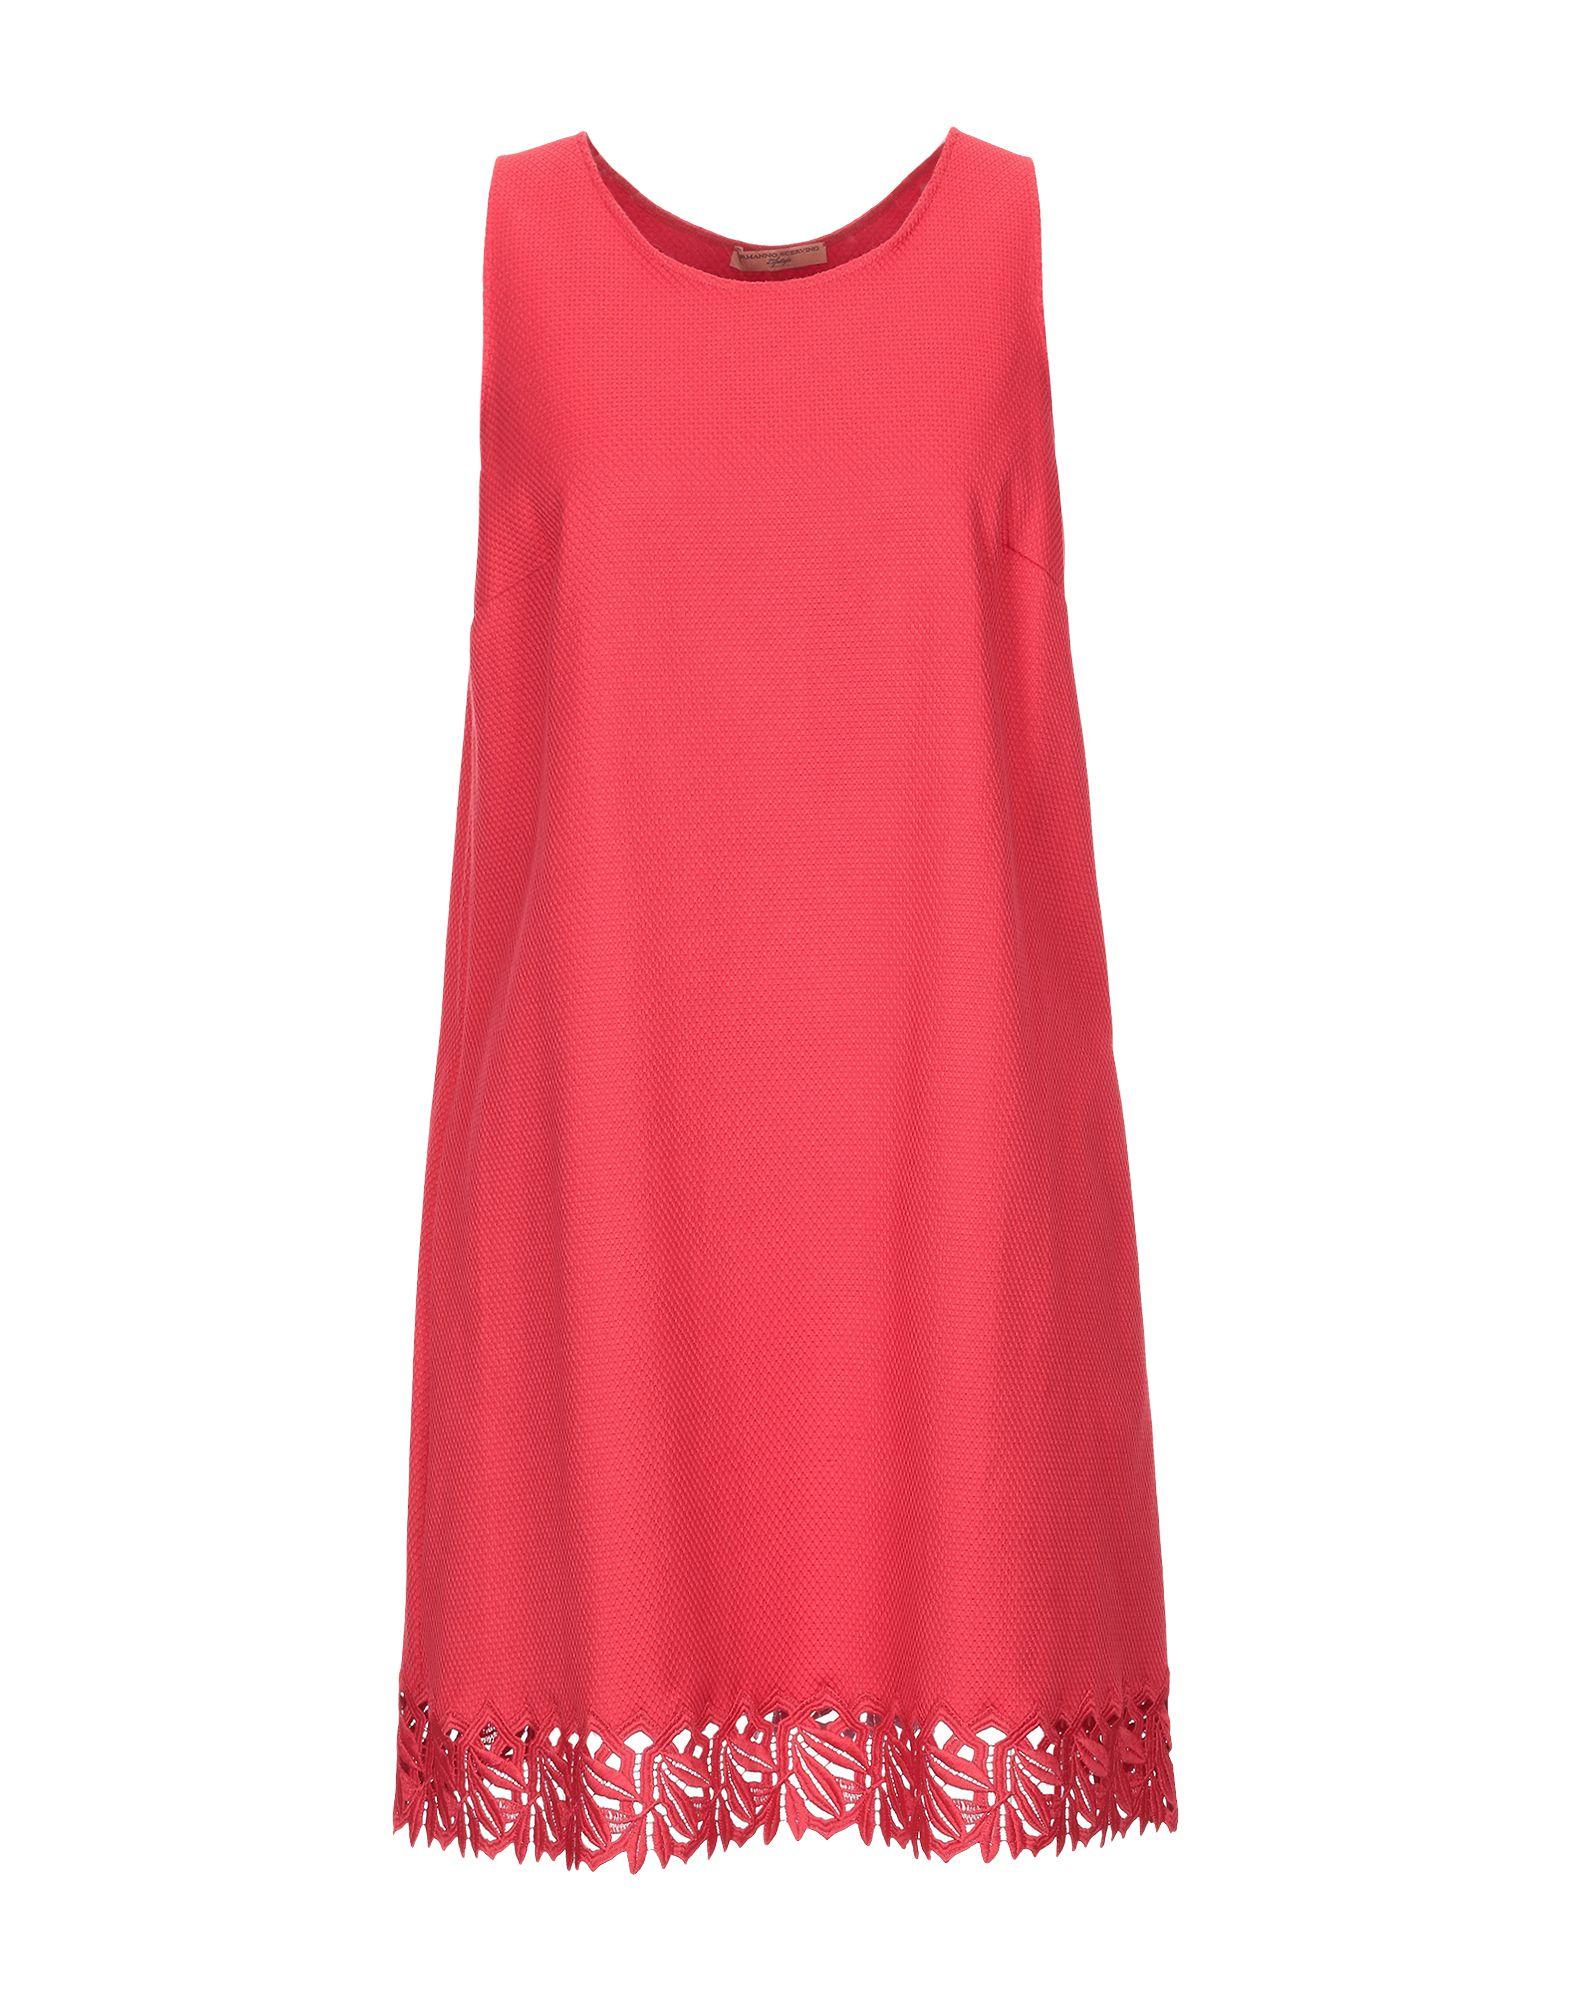 ERMANNO SCERVINO Короткое платье платье без рукавов с кружевной вставкой на спинке